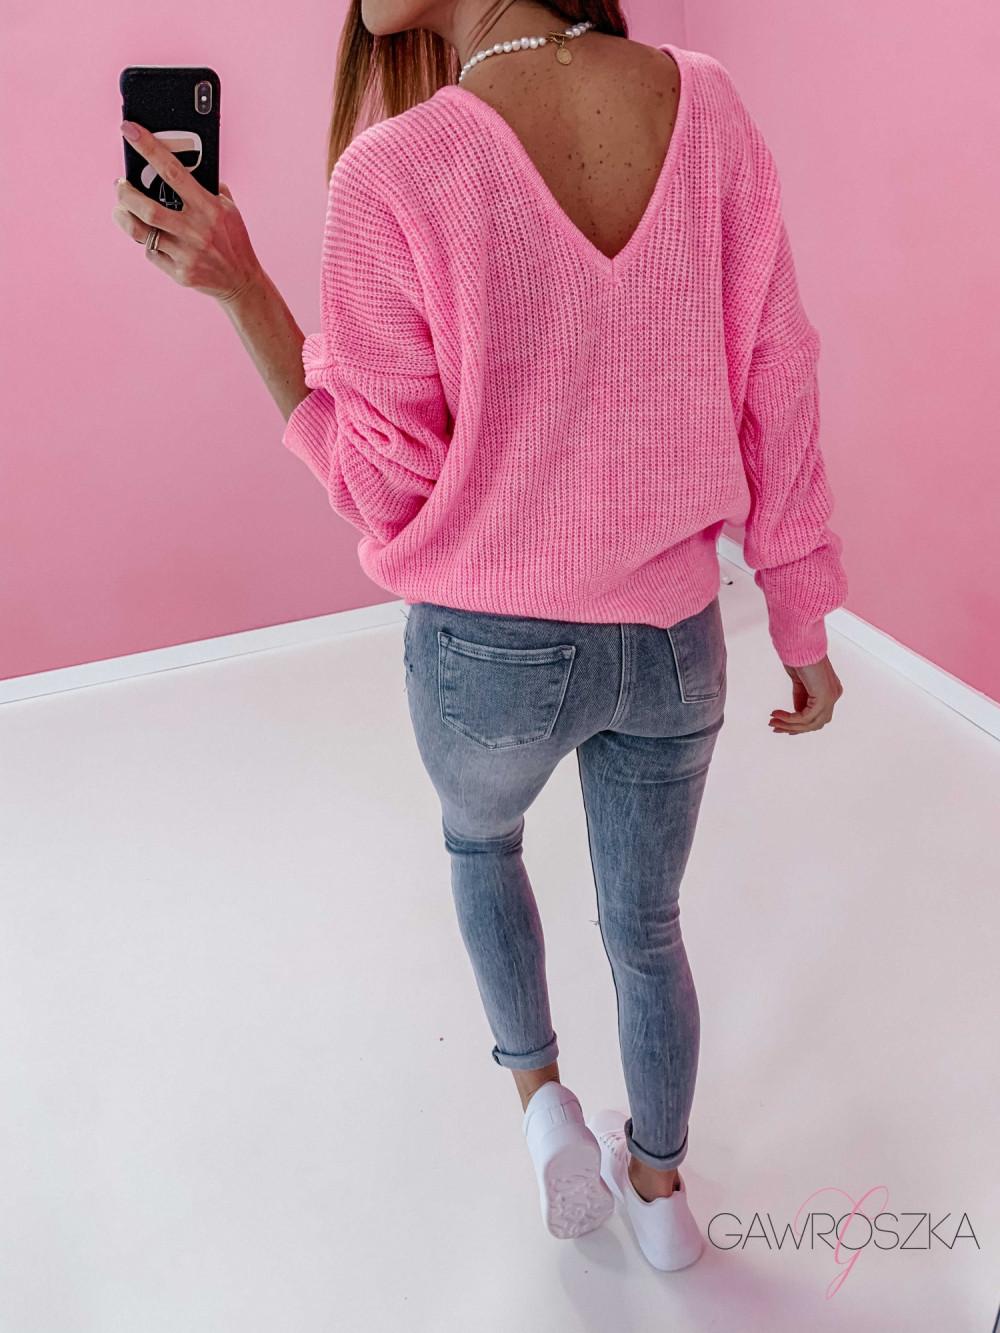 Spodnie jeans z guzikami - GREY 2